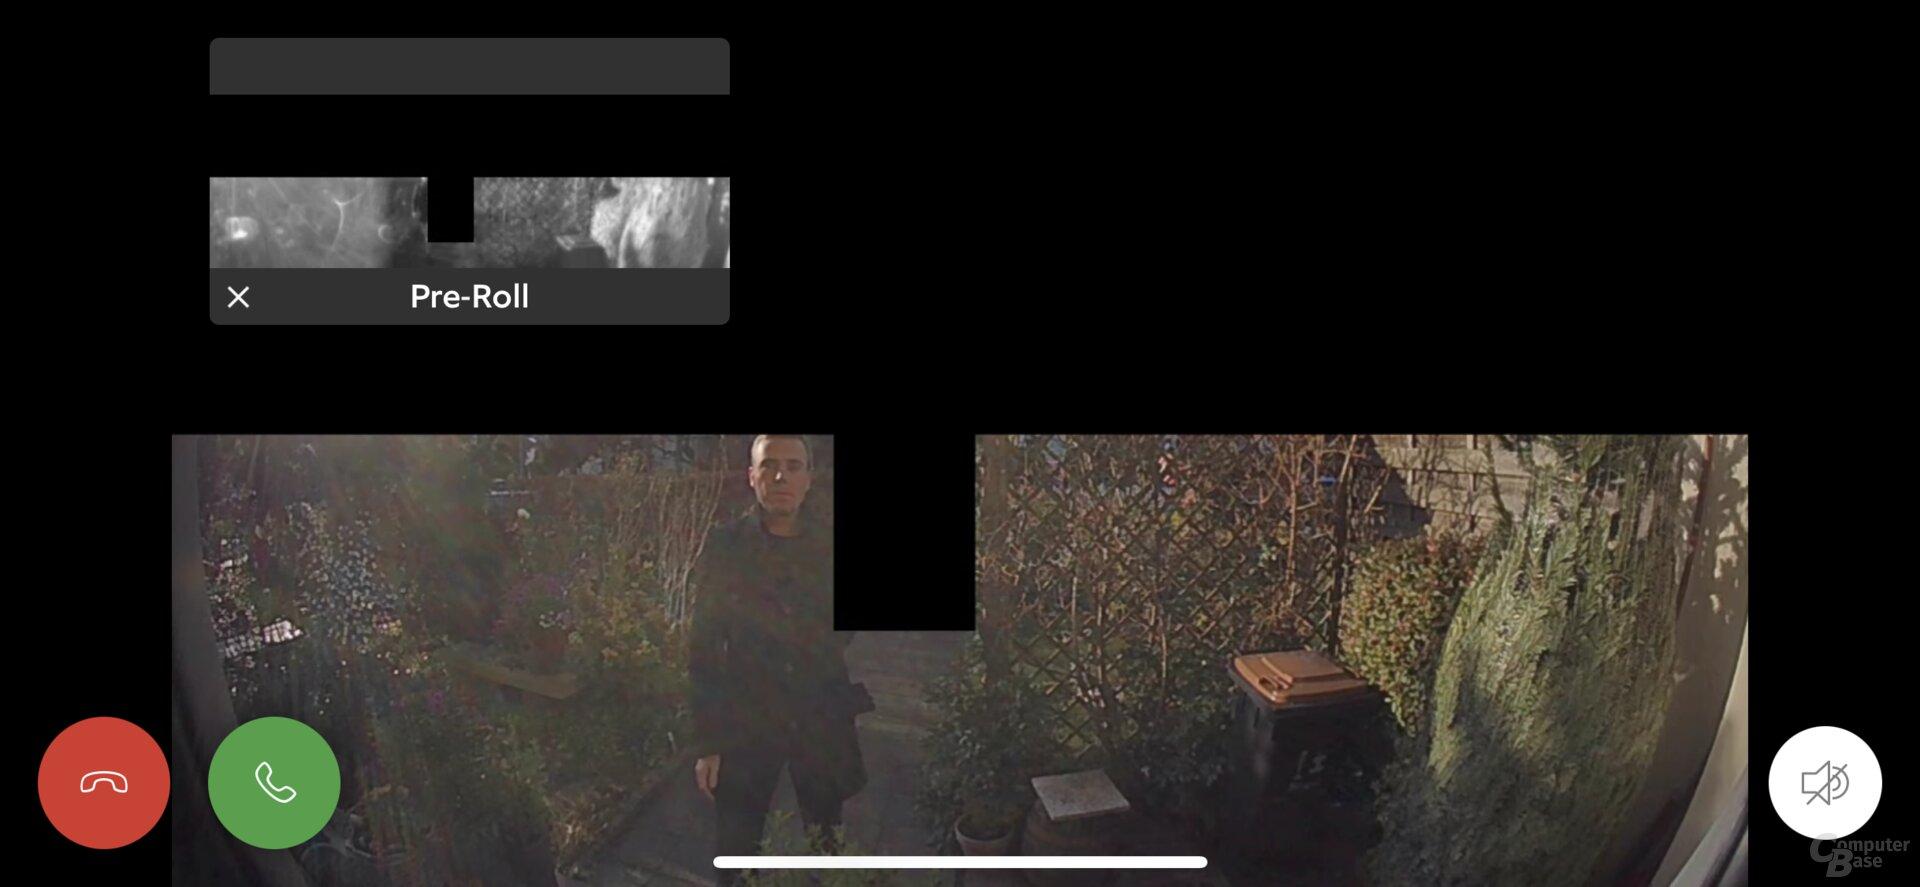 Live-Bild mit Privatsphärenbereichen